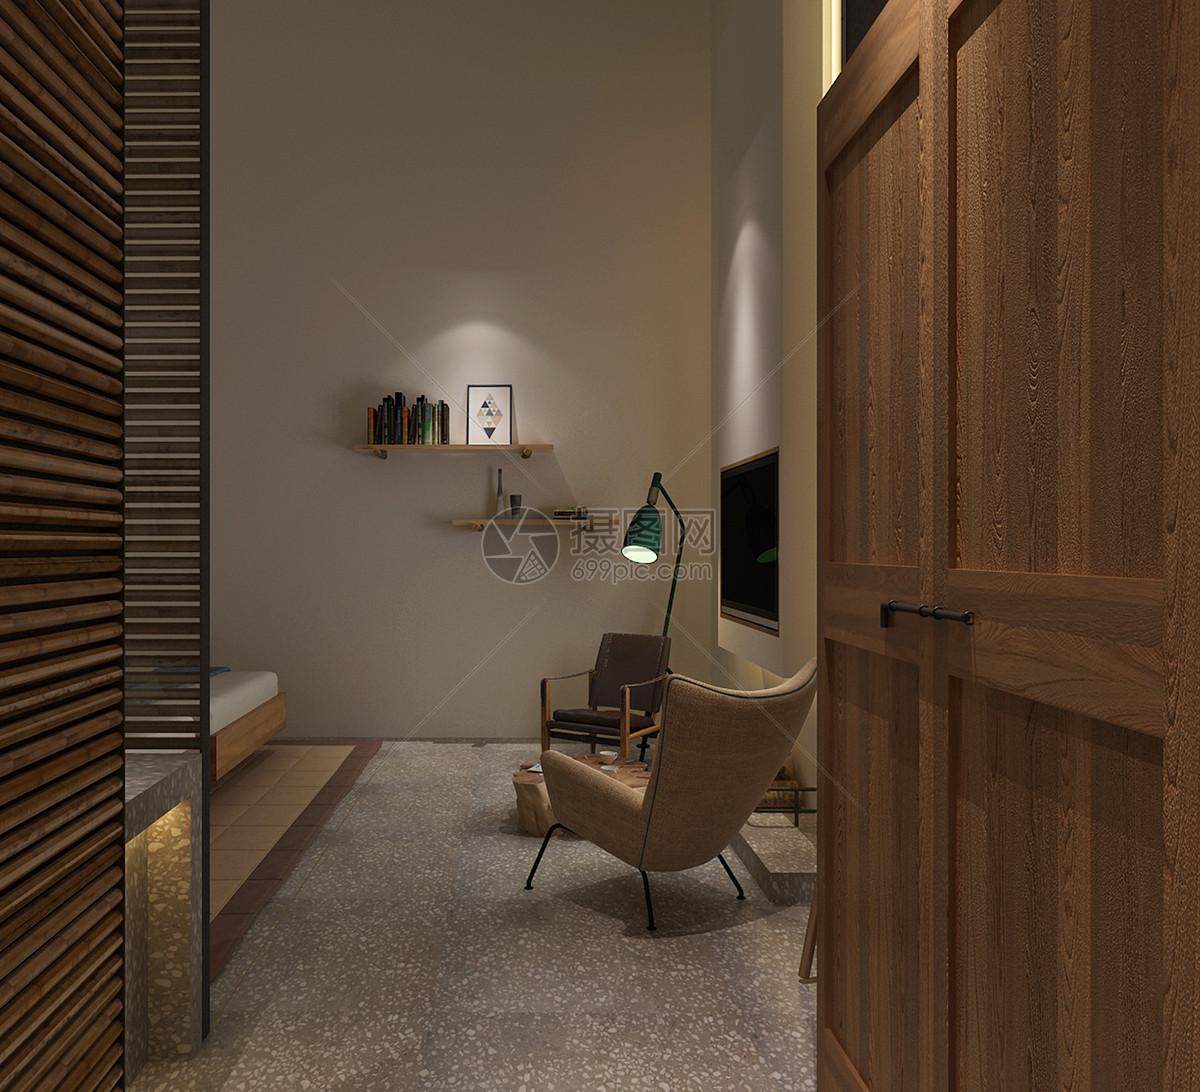 图片 照片 室内家居 民宿风卧室室内设计效果图.jpg